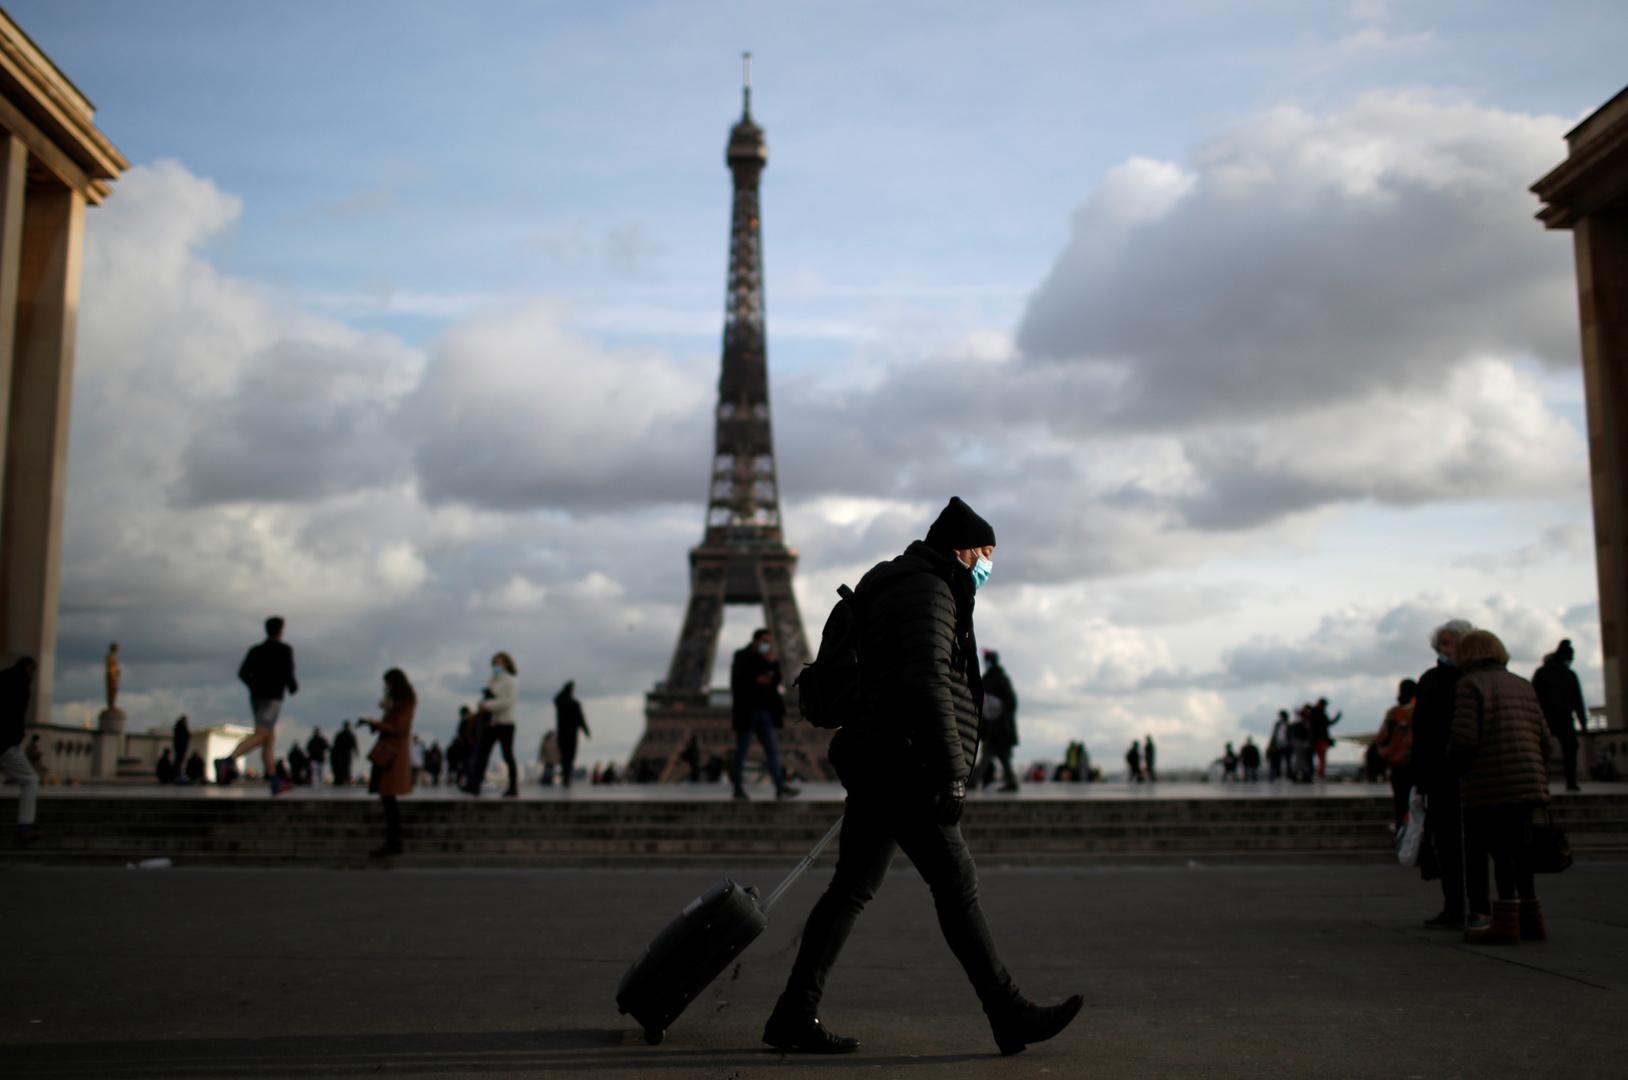 فرنسا تحظر دخول القادمين من خارج الاتحاد الأوروبي إلا لأسباب قاهرة